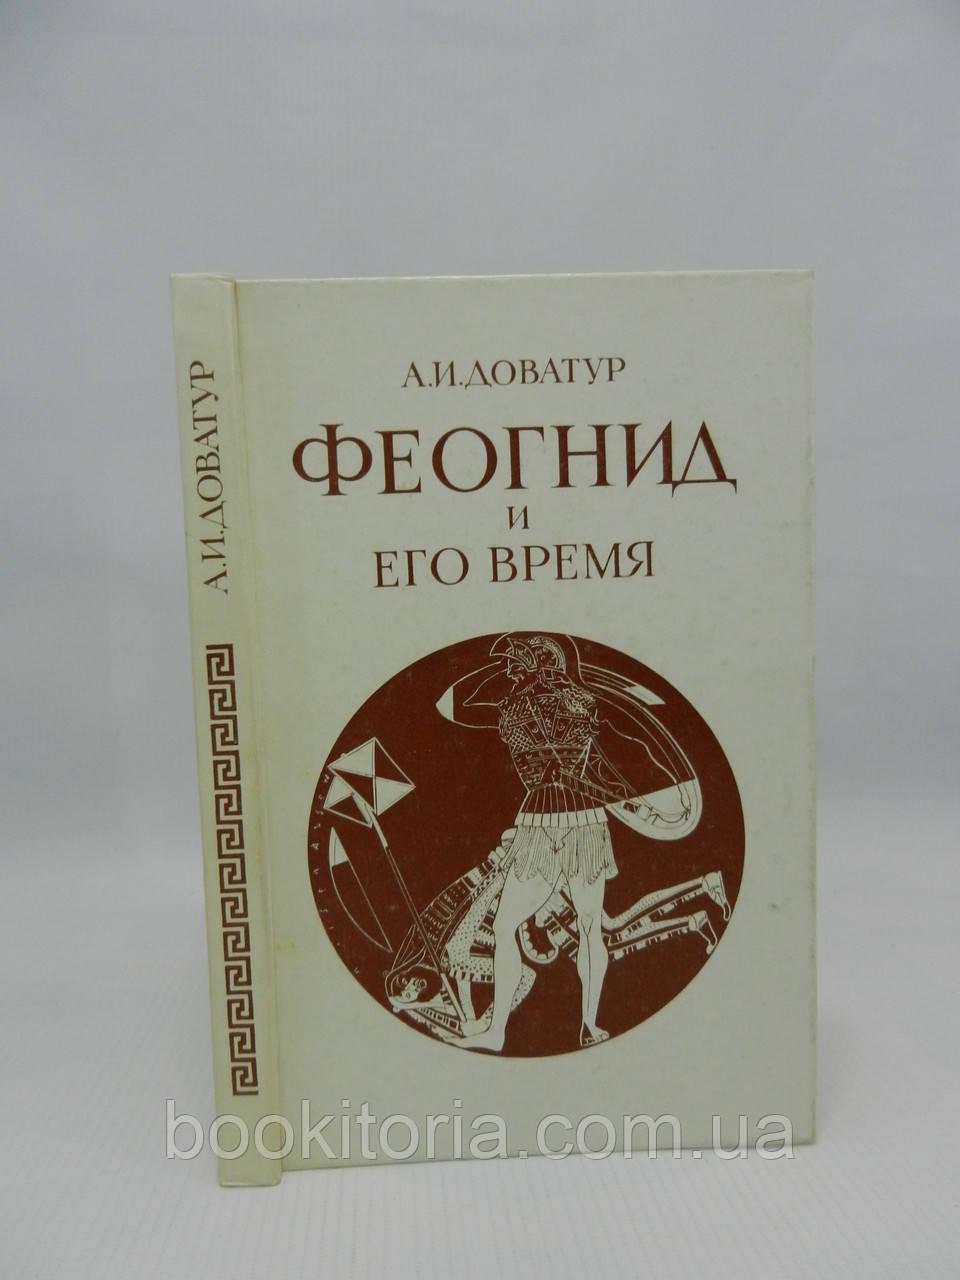 Доватур А. Феогнид и его время (б/у).